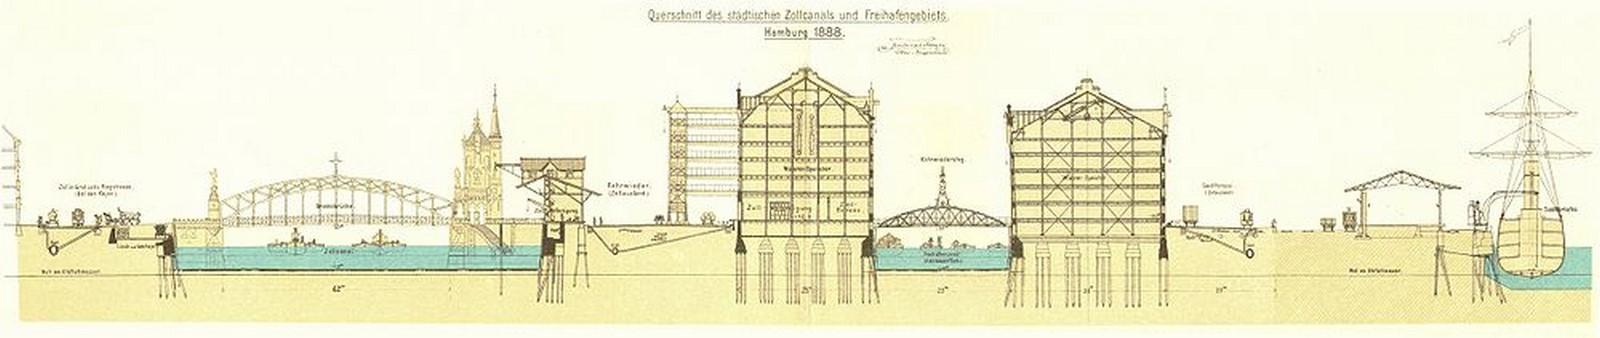 Speicherstadt by Carl Johann Christian Zimmermann: City of Warehouses Sheet3